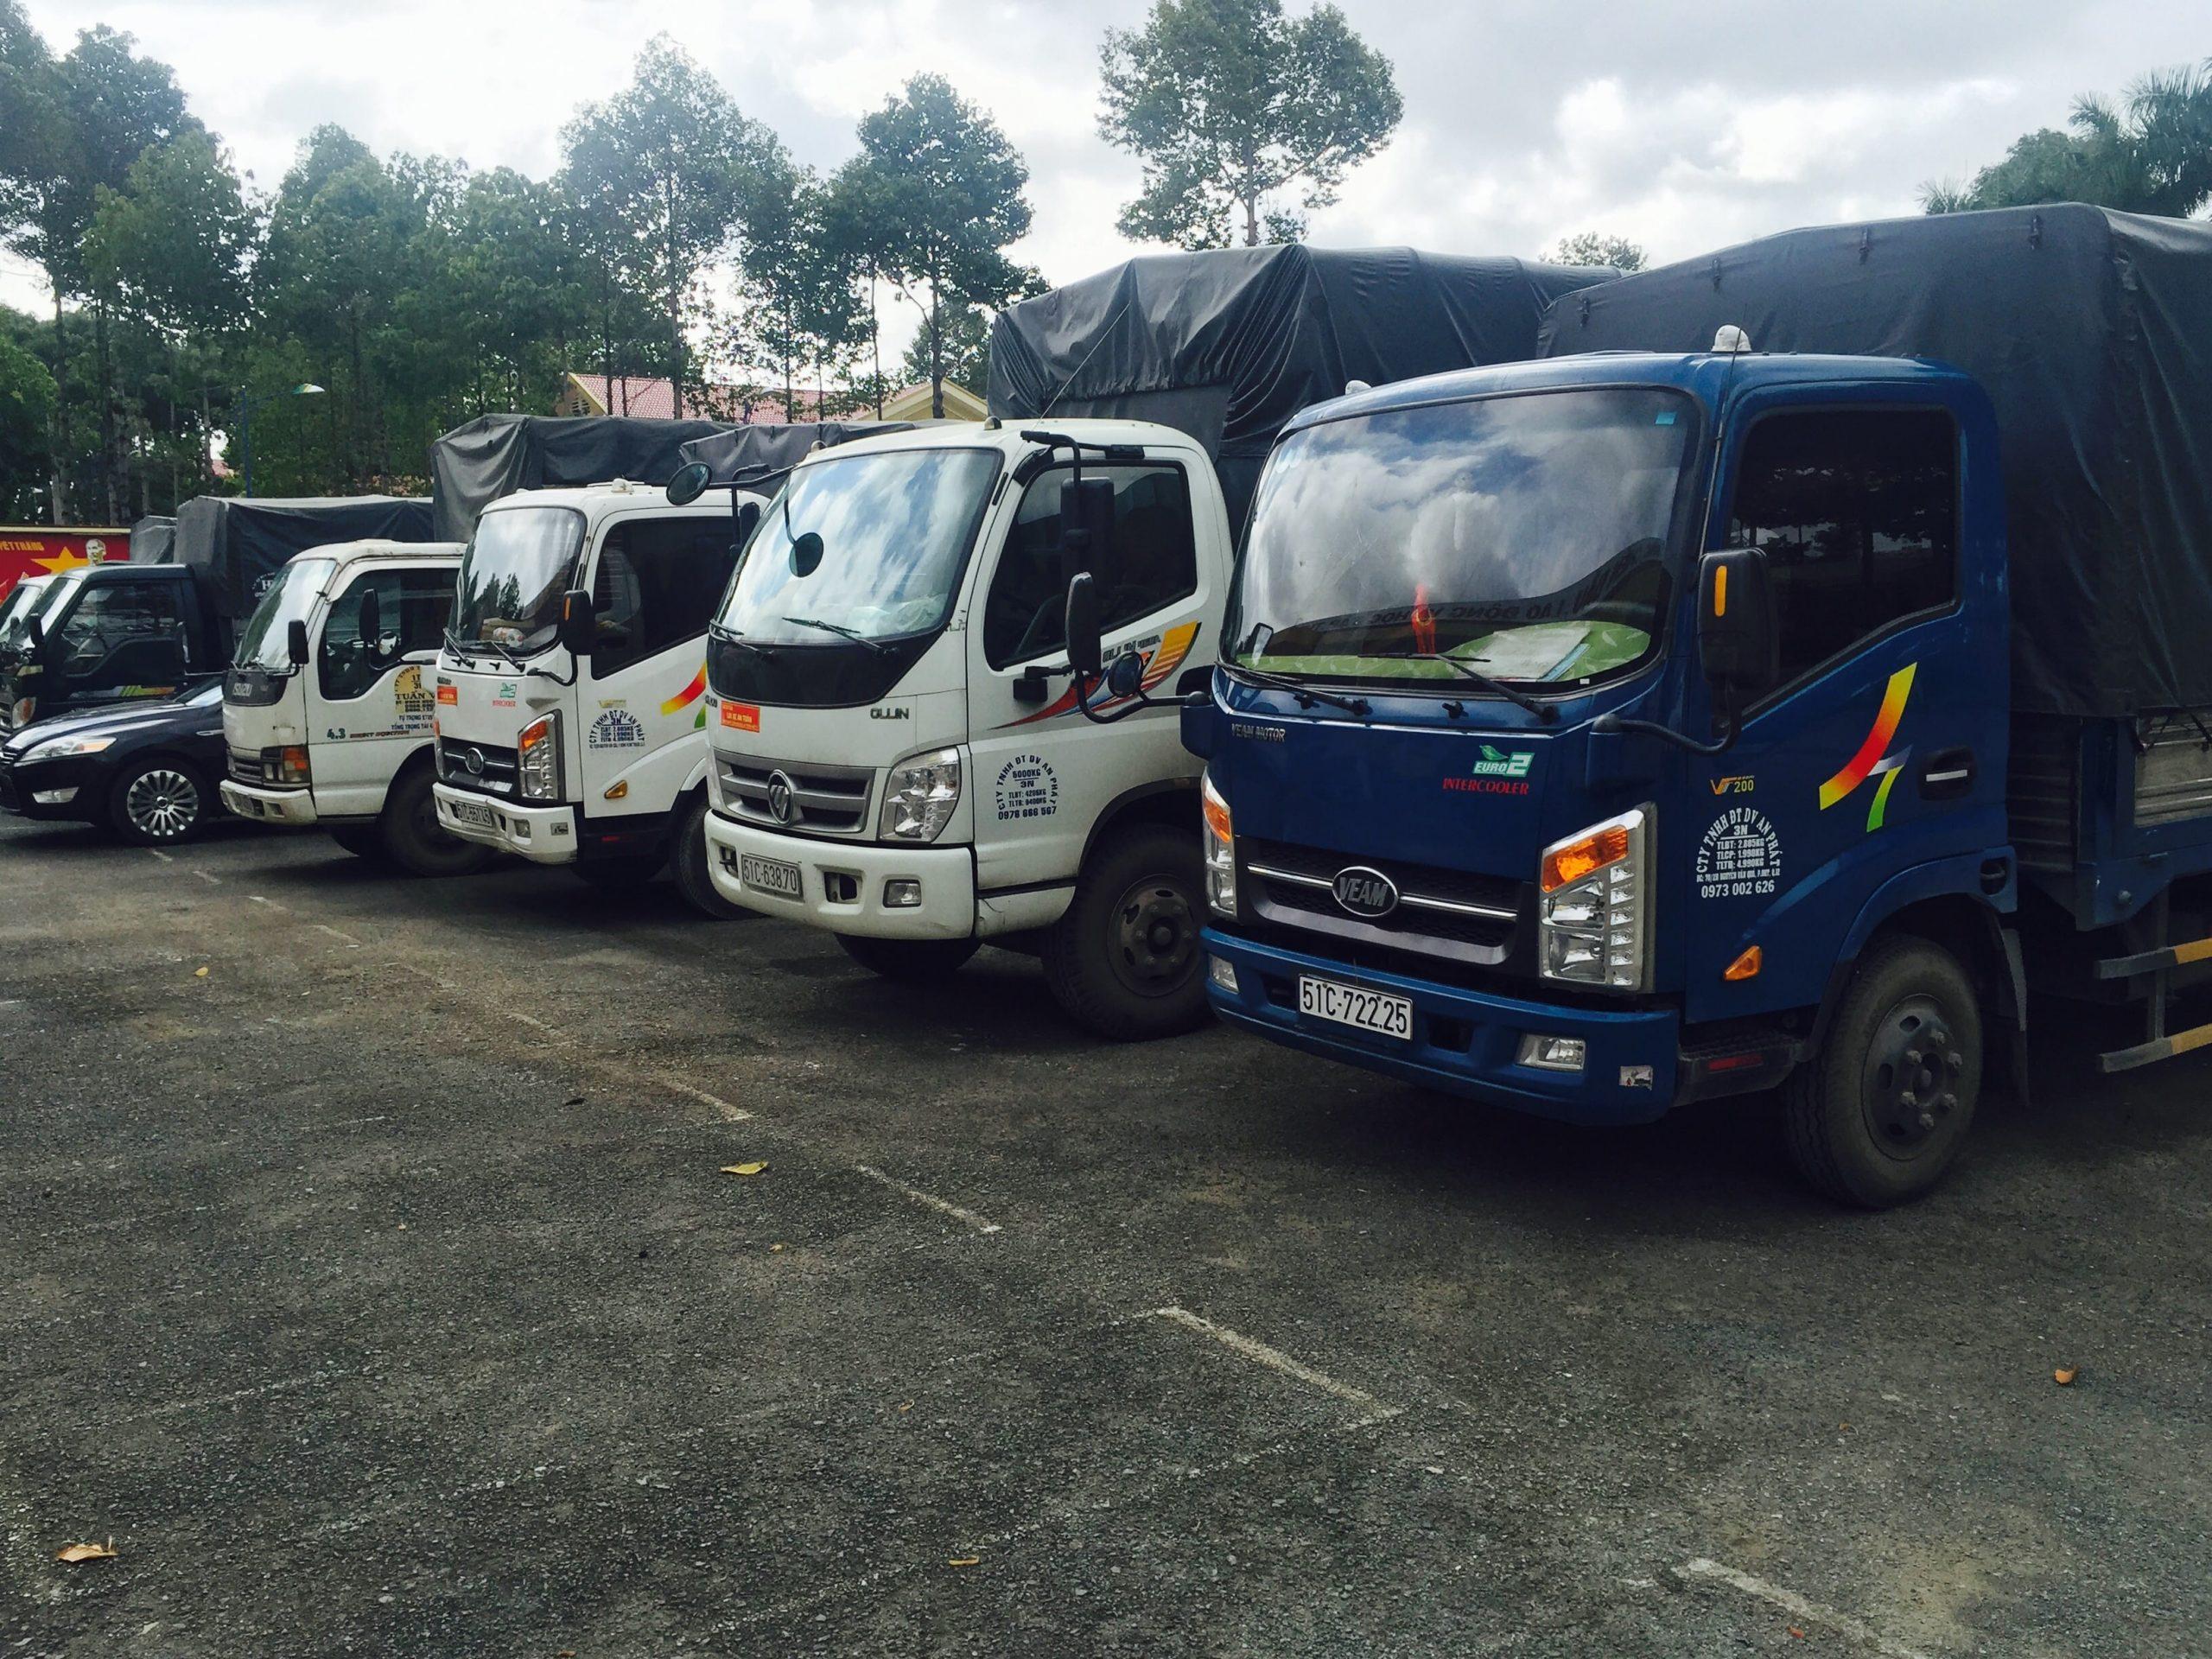 Nhận chở hàng thuê giá rẻ tại TPHCM – Vận tải Đường Việt Sài Gòn